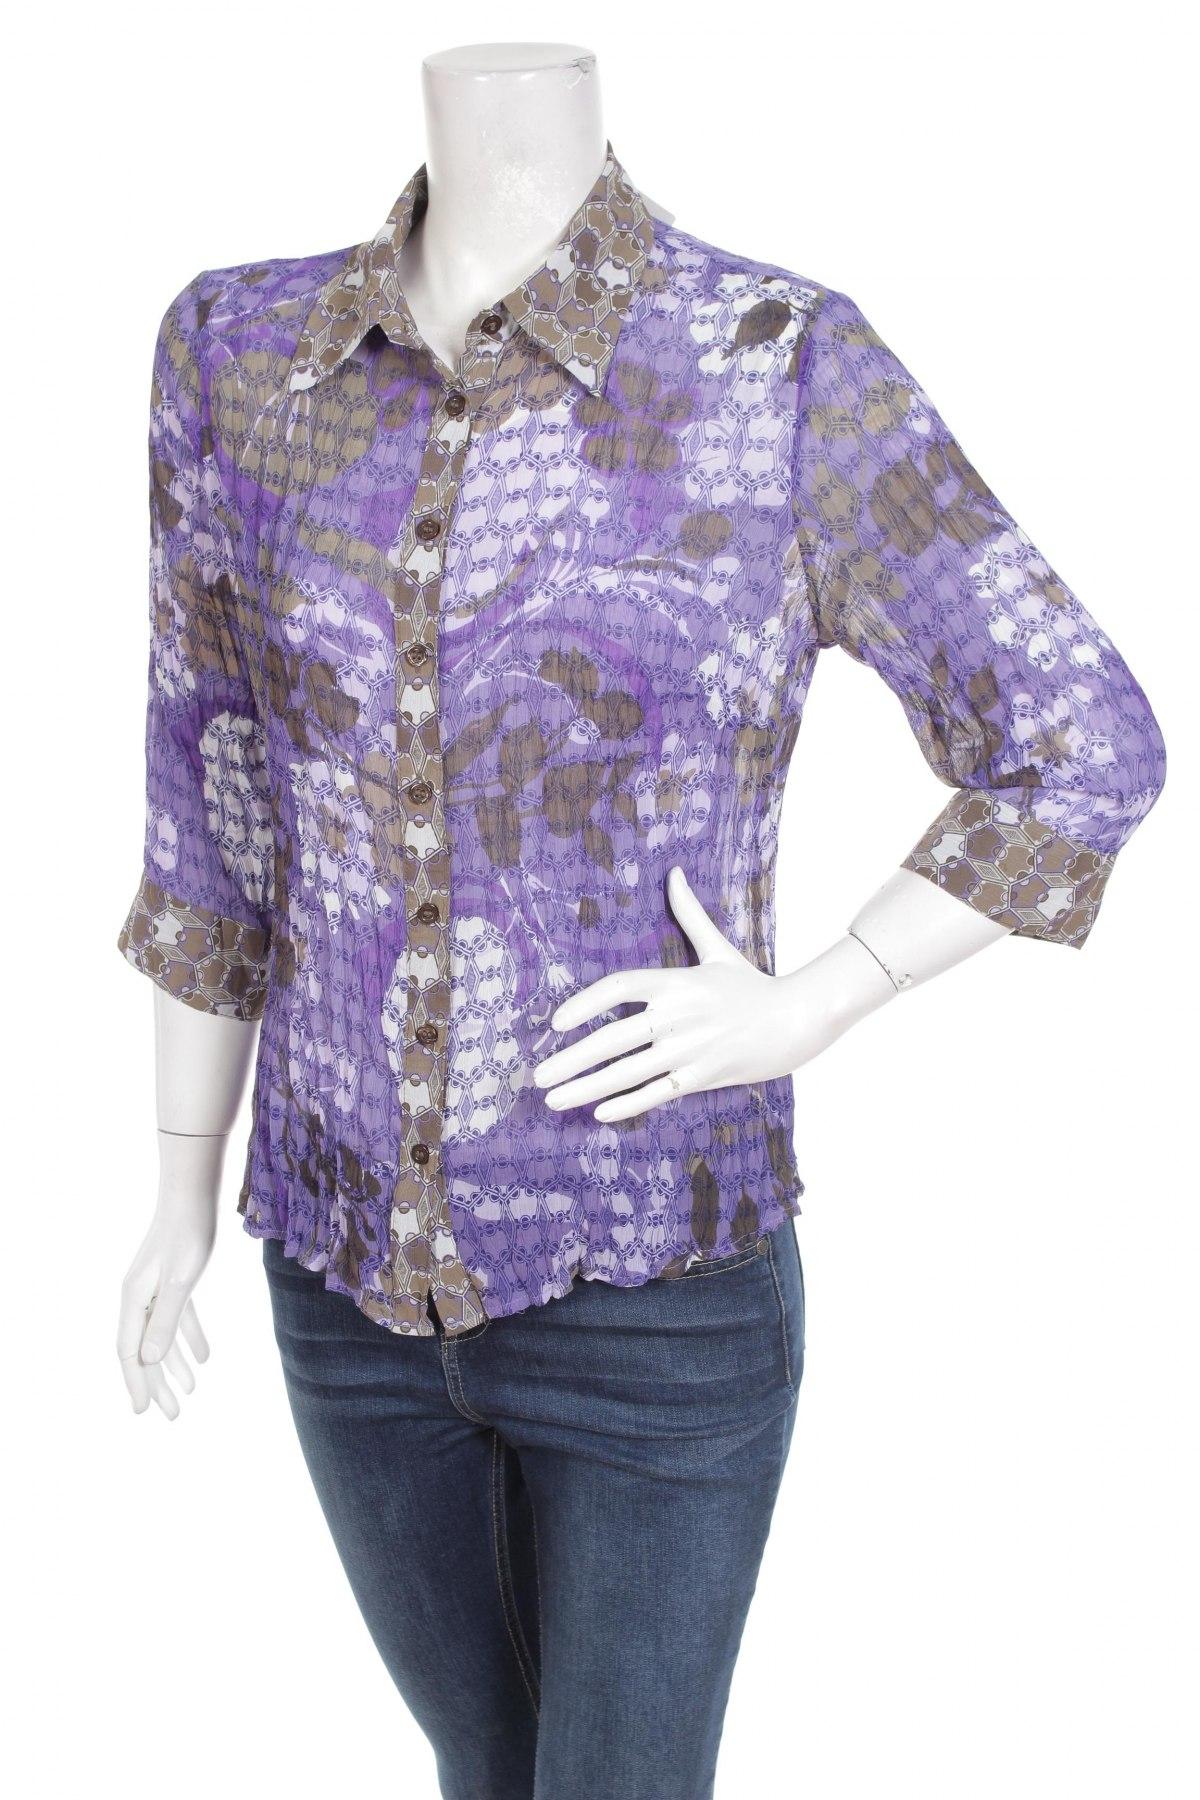 Γυναικείο πουκάμισο One Touch, Μέγεθος M, Χρώμα Βιολετί, Πολυεστέρας, Τιμή 13,61€